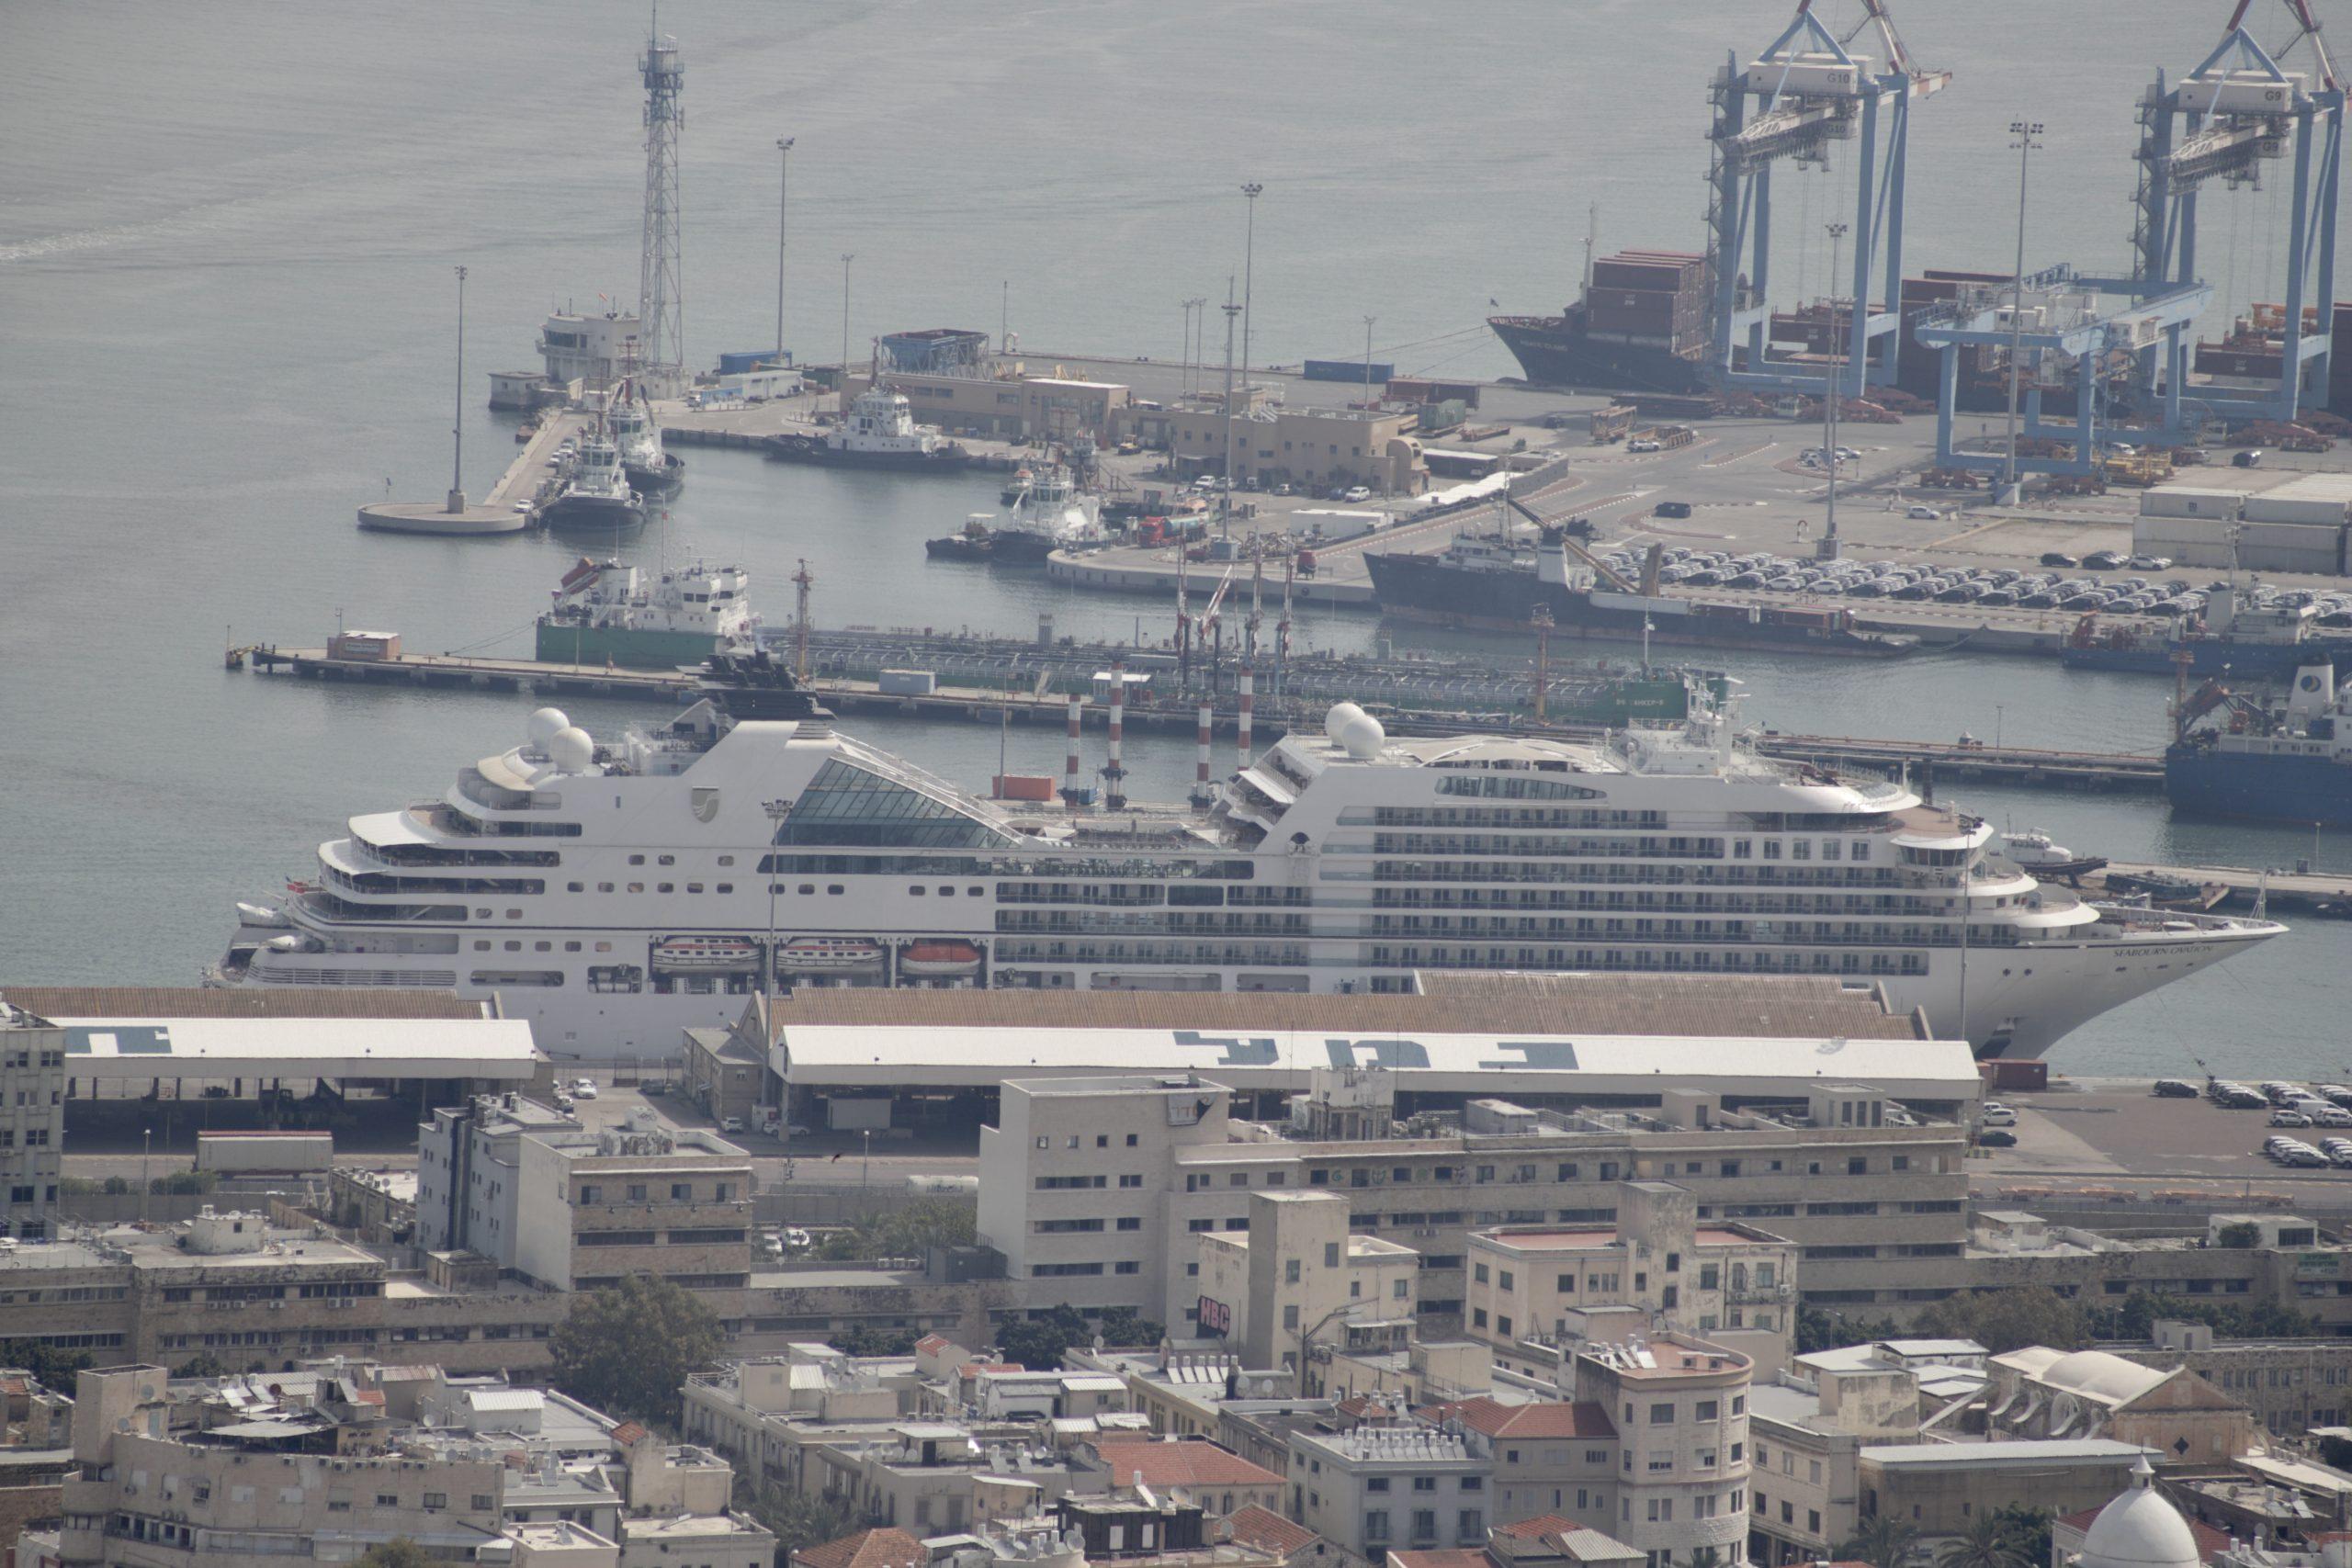 Seabourn Ovation on Mediterranean Cruise